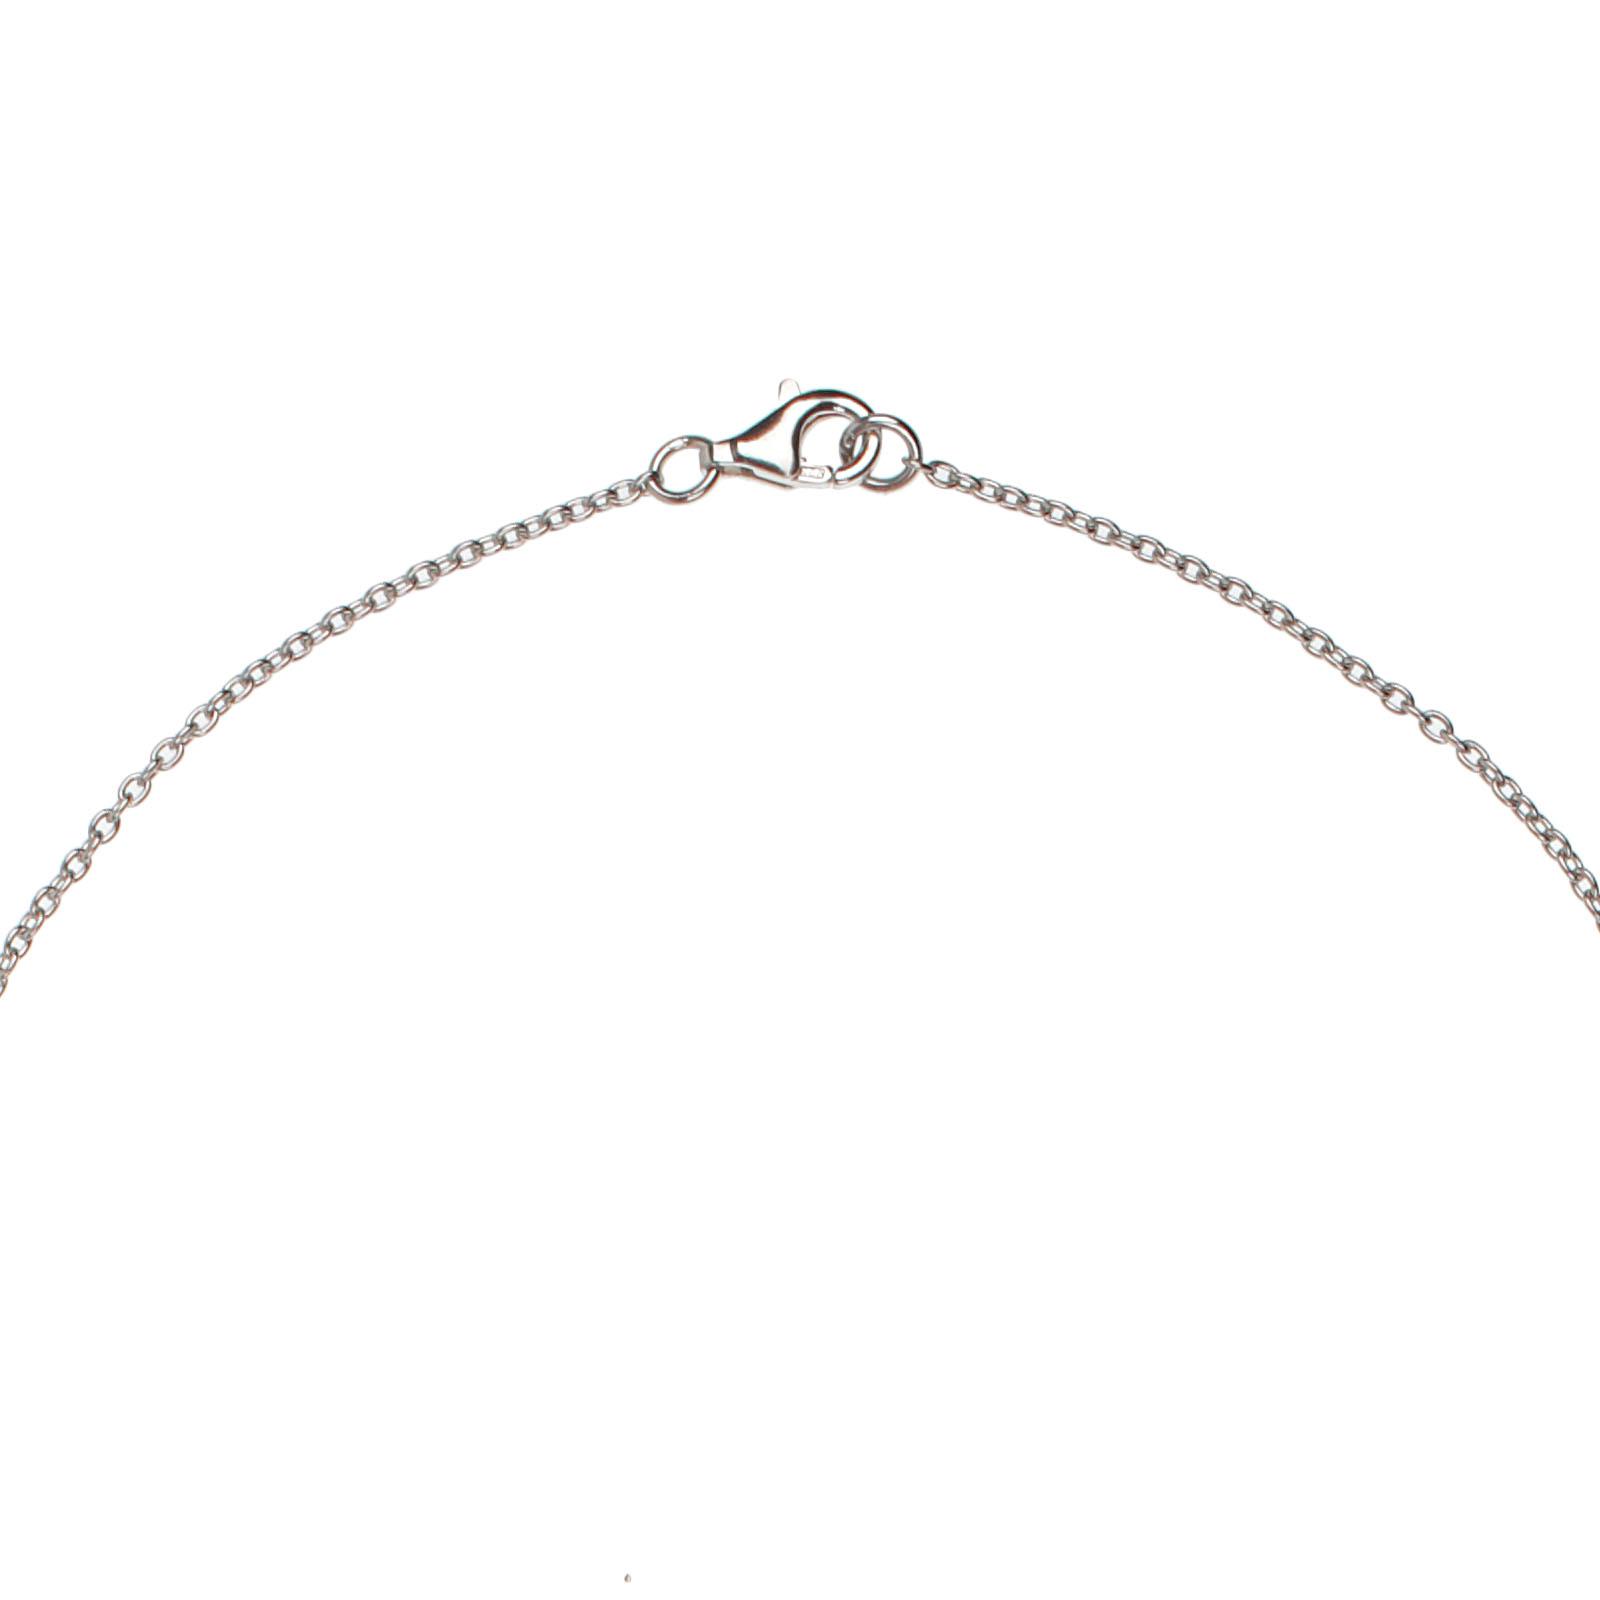 Damen-Halskette-echt-Silber-925-Sterling-mit-Zirkonia-46-cm-lang-Collier Indexbild 3